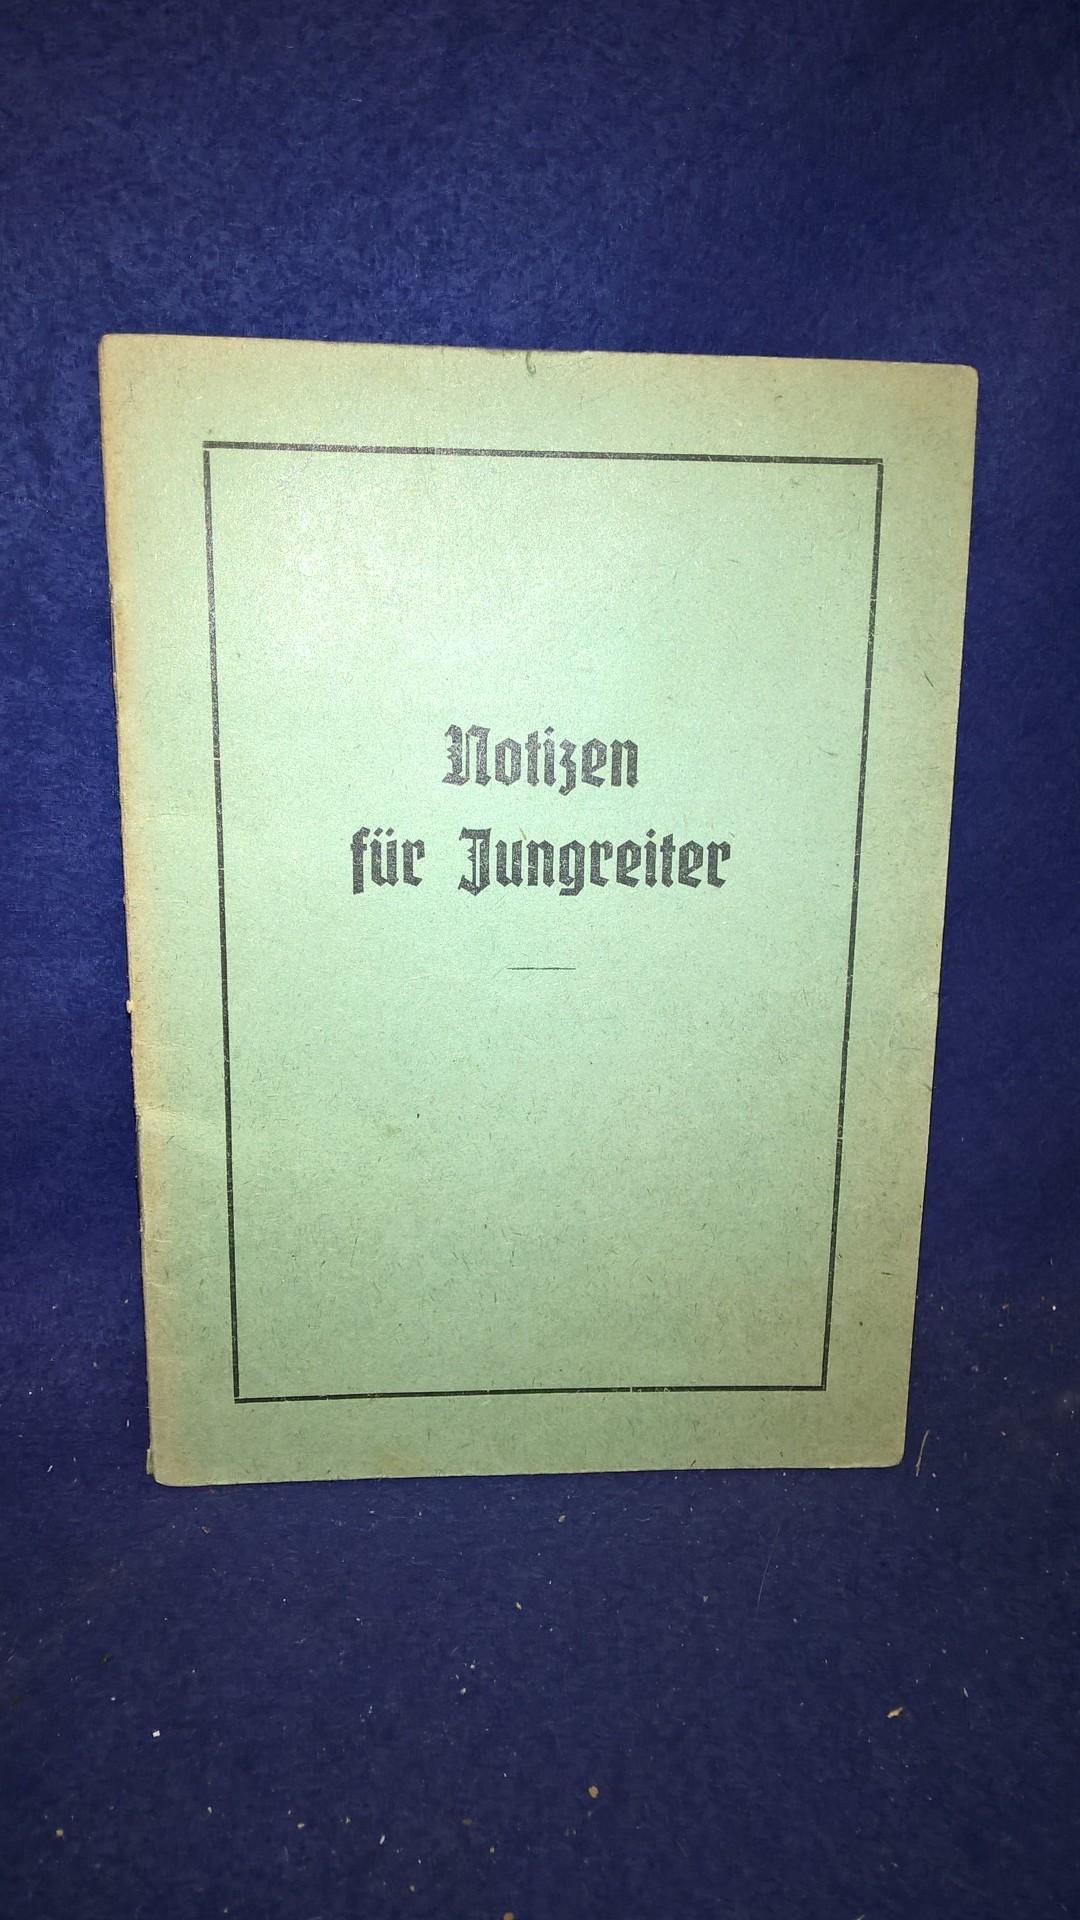 Notizen für Jungreiter. SA-Reitersturm 13/34.